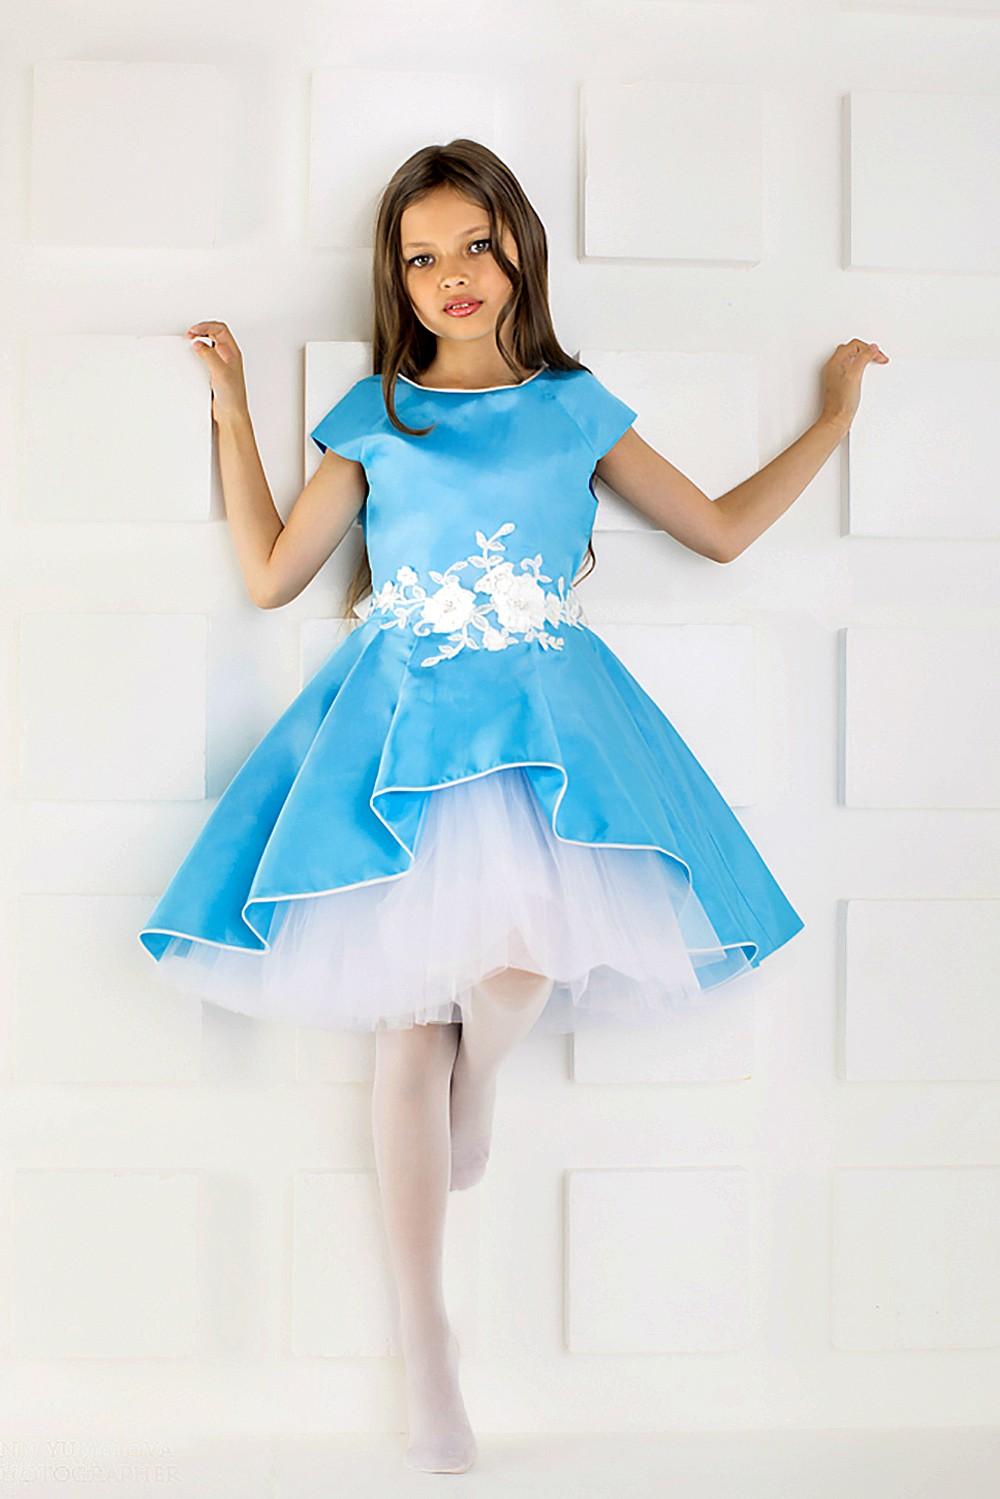 красивые новогодние платья для девочек 2019-2020: платье кукольное голубое с белым пышная юбка